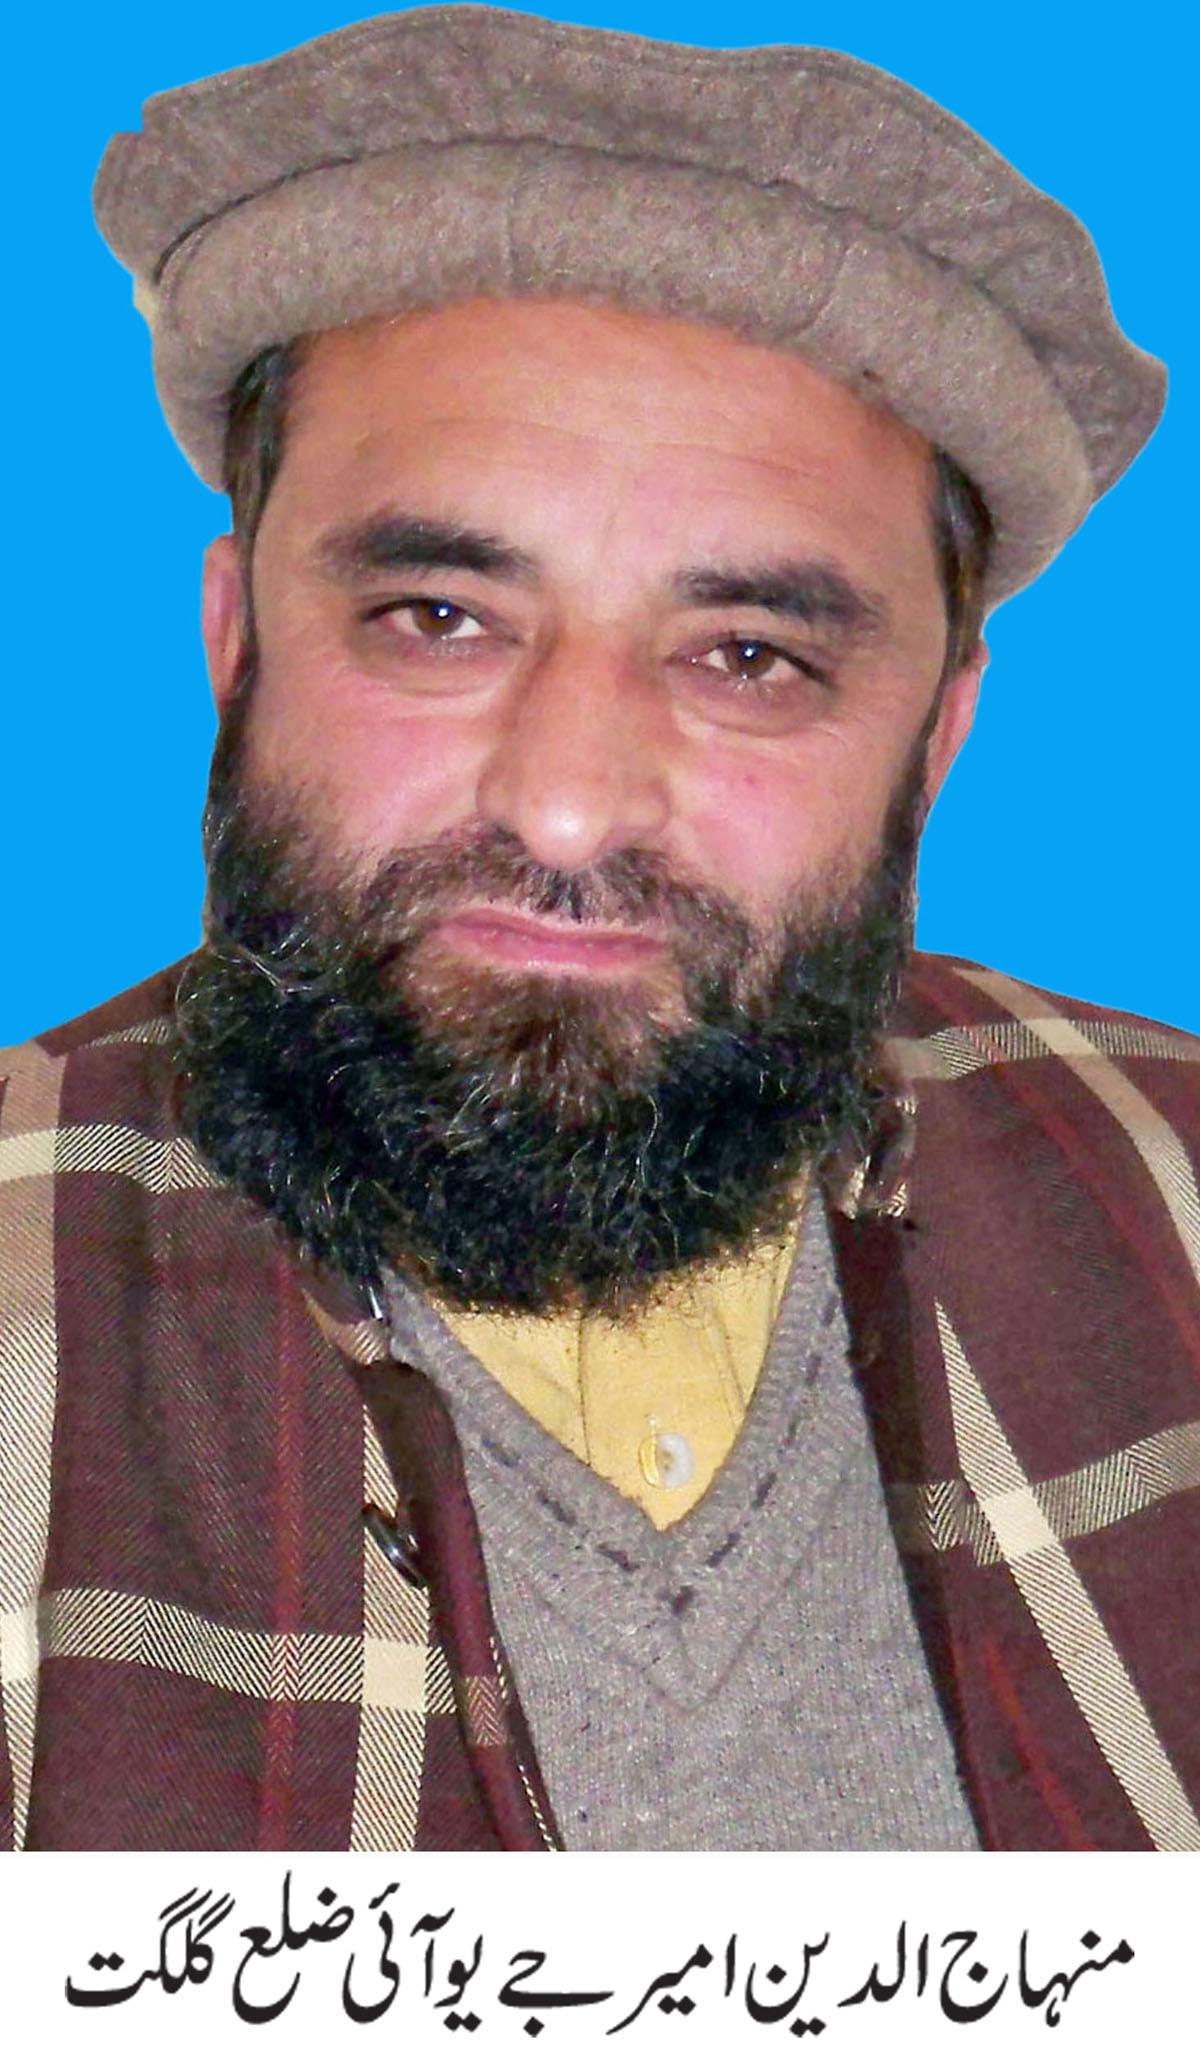 عمران خان کا سیاست سے دور دور تک کا واسطہ نہیں ہے، جے یو آئی ضلع گلگت